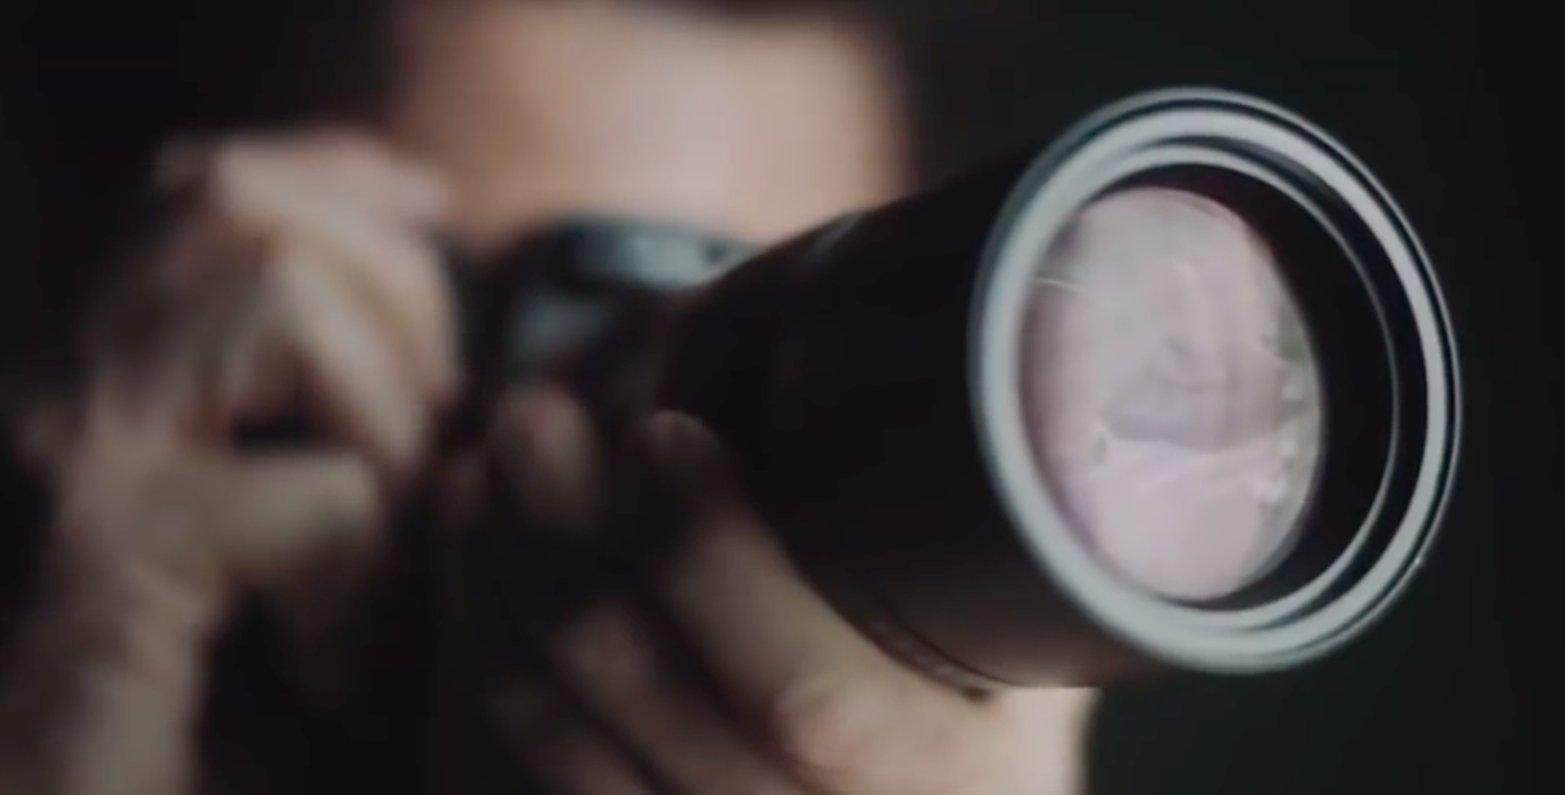 """Screenshot des Videos """"The Hunter"""", das mittlerweile aus dem Netz entfernt wurde."""